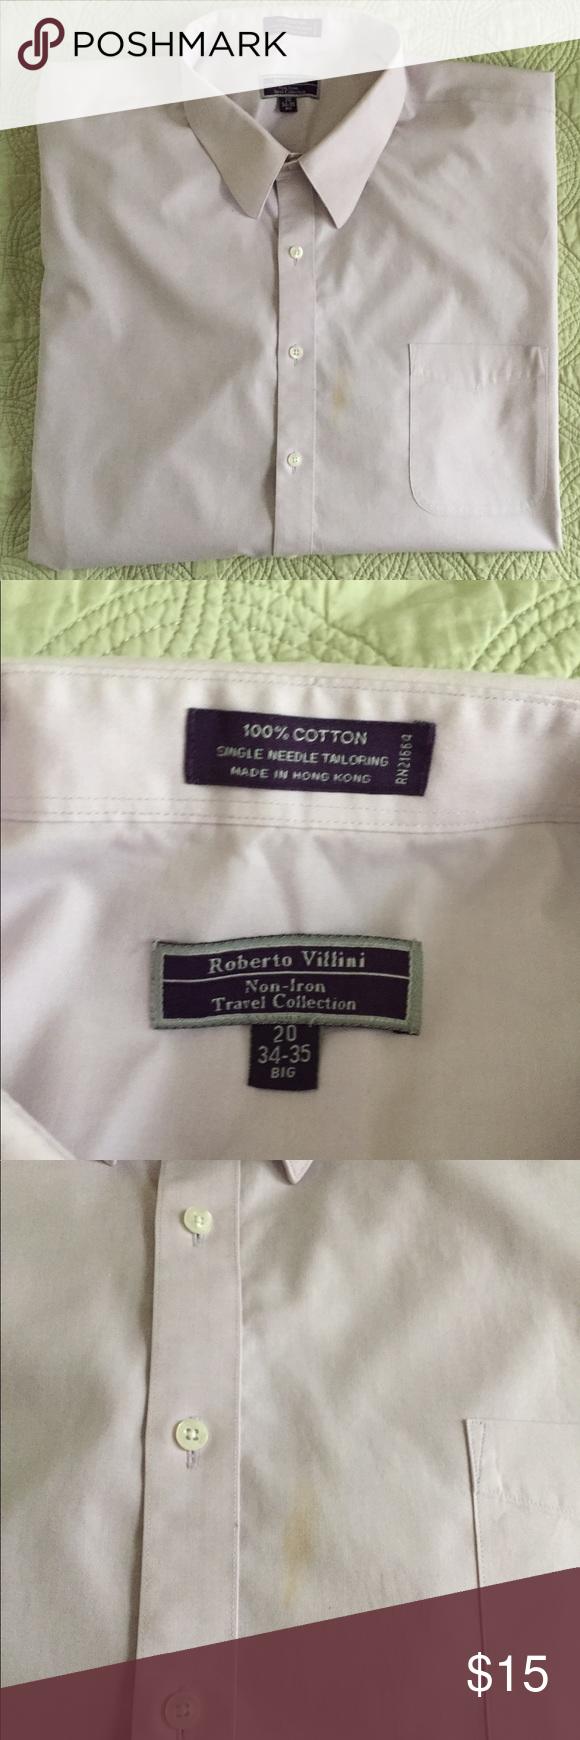 20 34 35 Big Roberto Villini Dress Shirt Lila Color No Iron